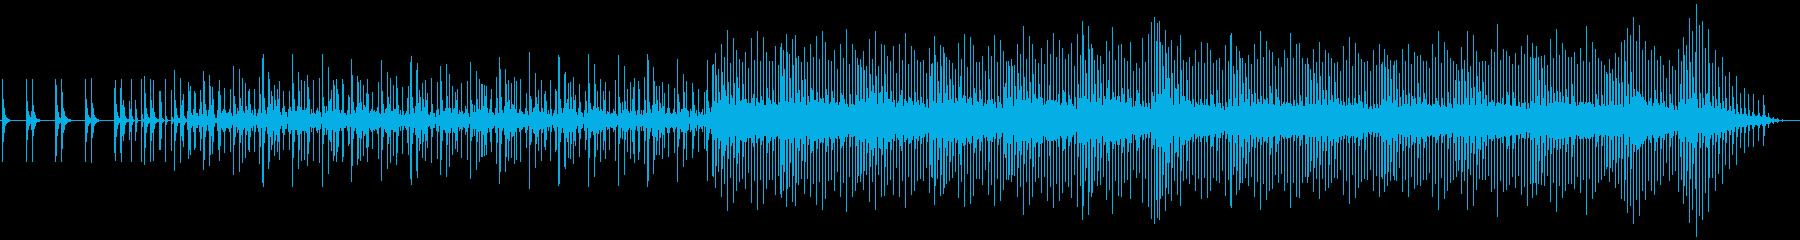 48平均律、爽やかで切ない5拍子の再生済みの波形